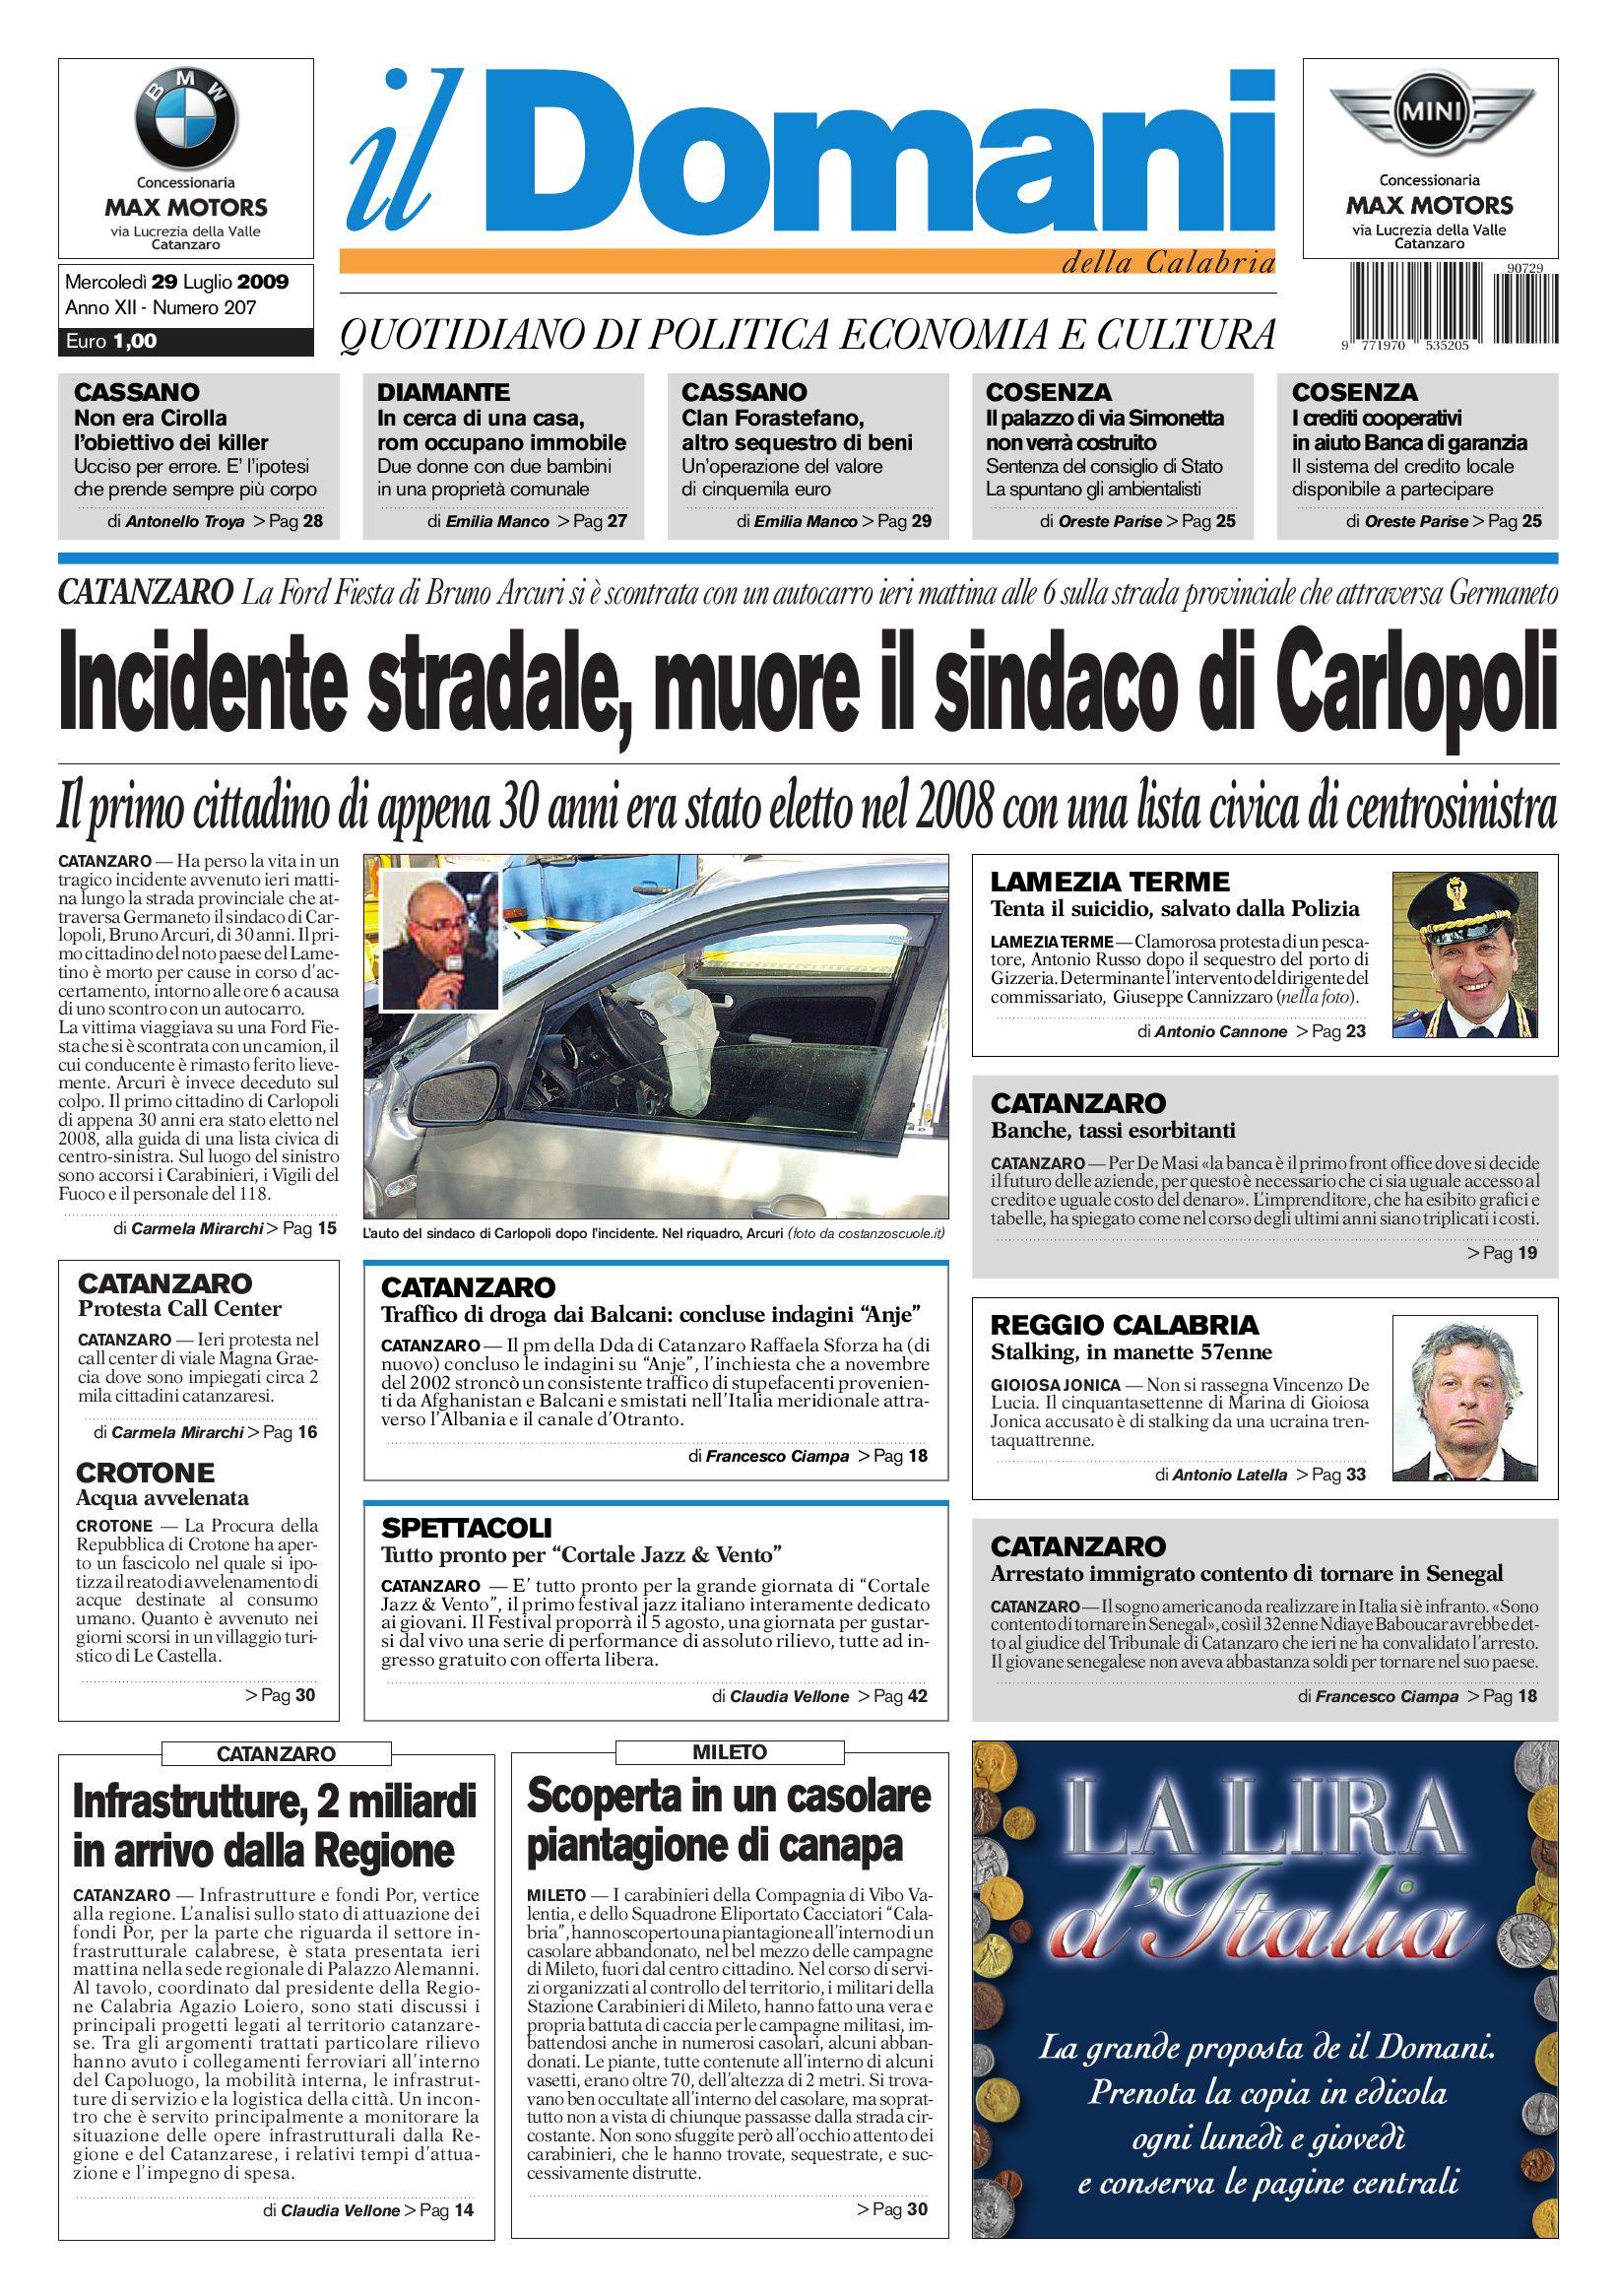 Cadillac bonifica state CAR 2009-NERO 1:87 Bos />/> NEW /</<